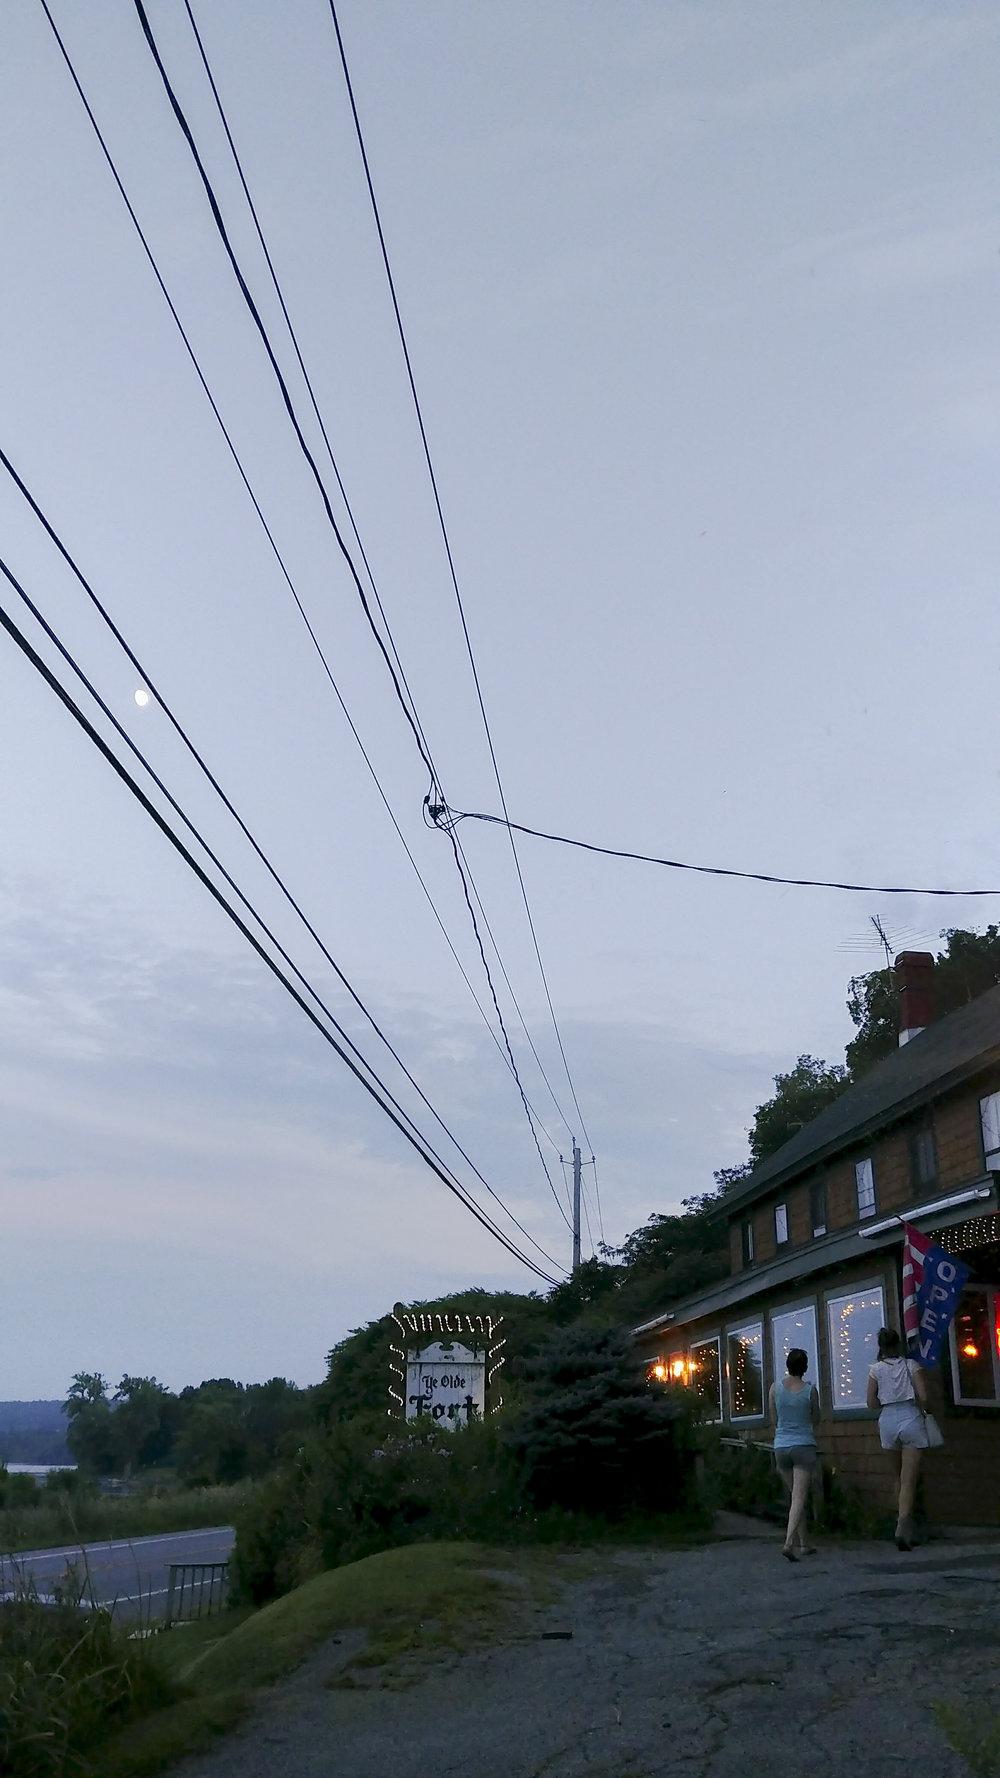 Handoff at moonrise to Glens Falls, full of trepidation.